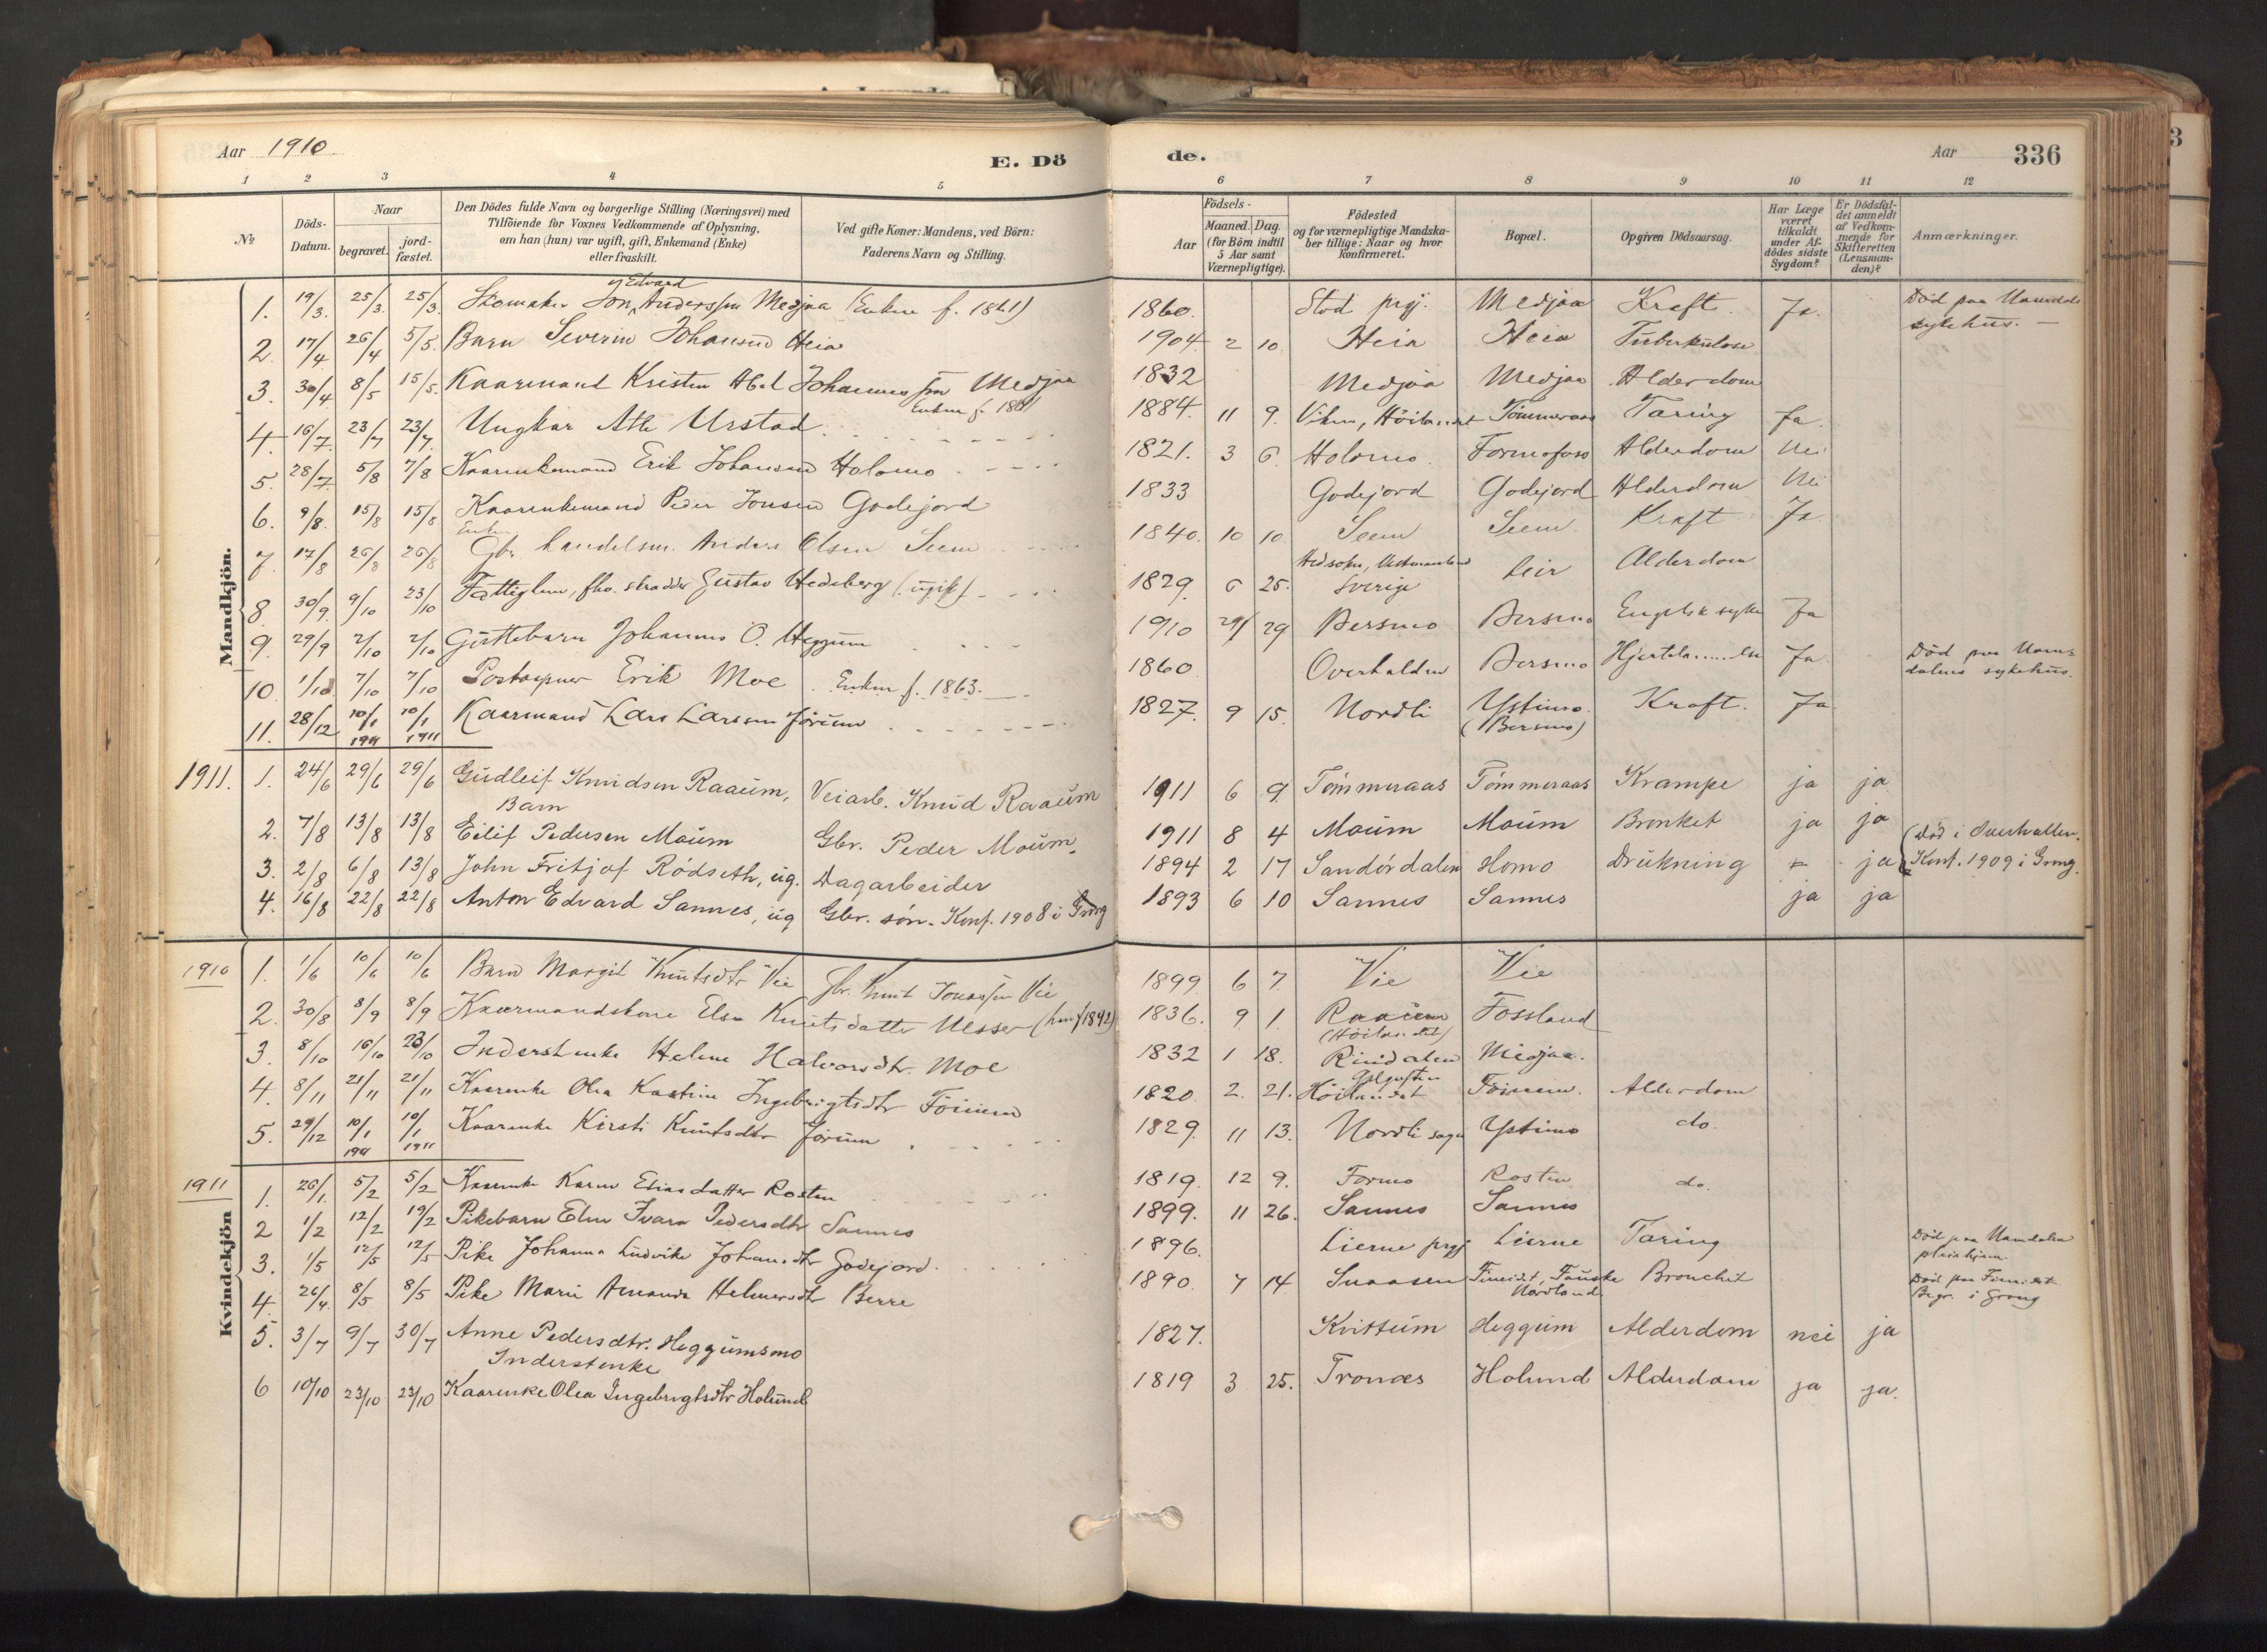 SAT, Ministerialprotokoller, klokkerbøker og fødselsregistre - Nord-Trøndelag, 758/L0519: Ministerialbok nr. 758A04, 1880-1926, s. 336